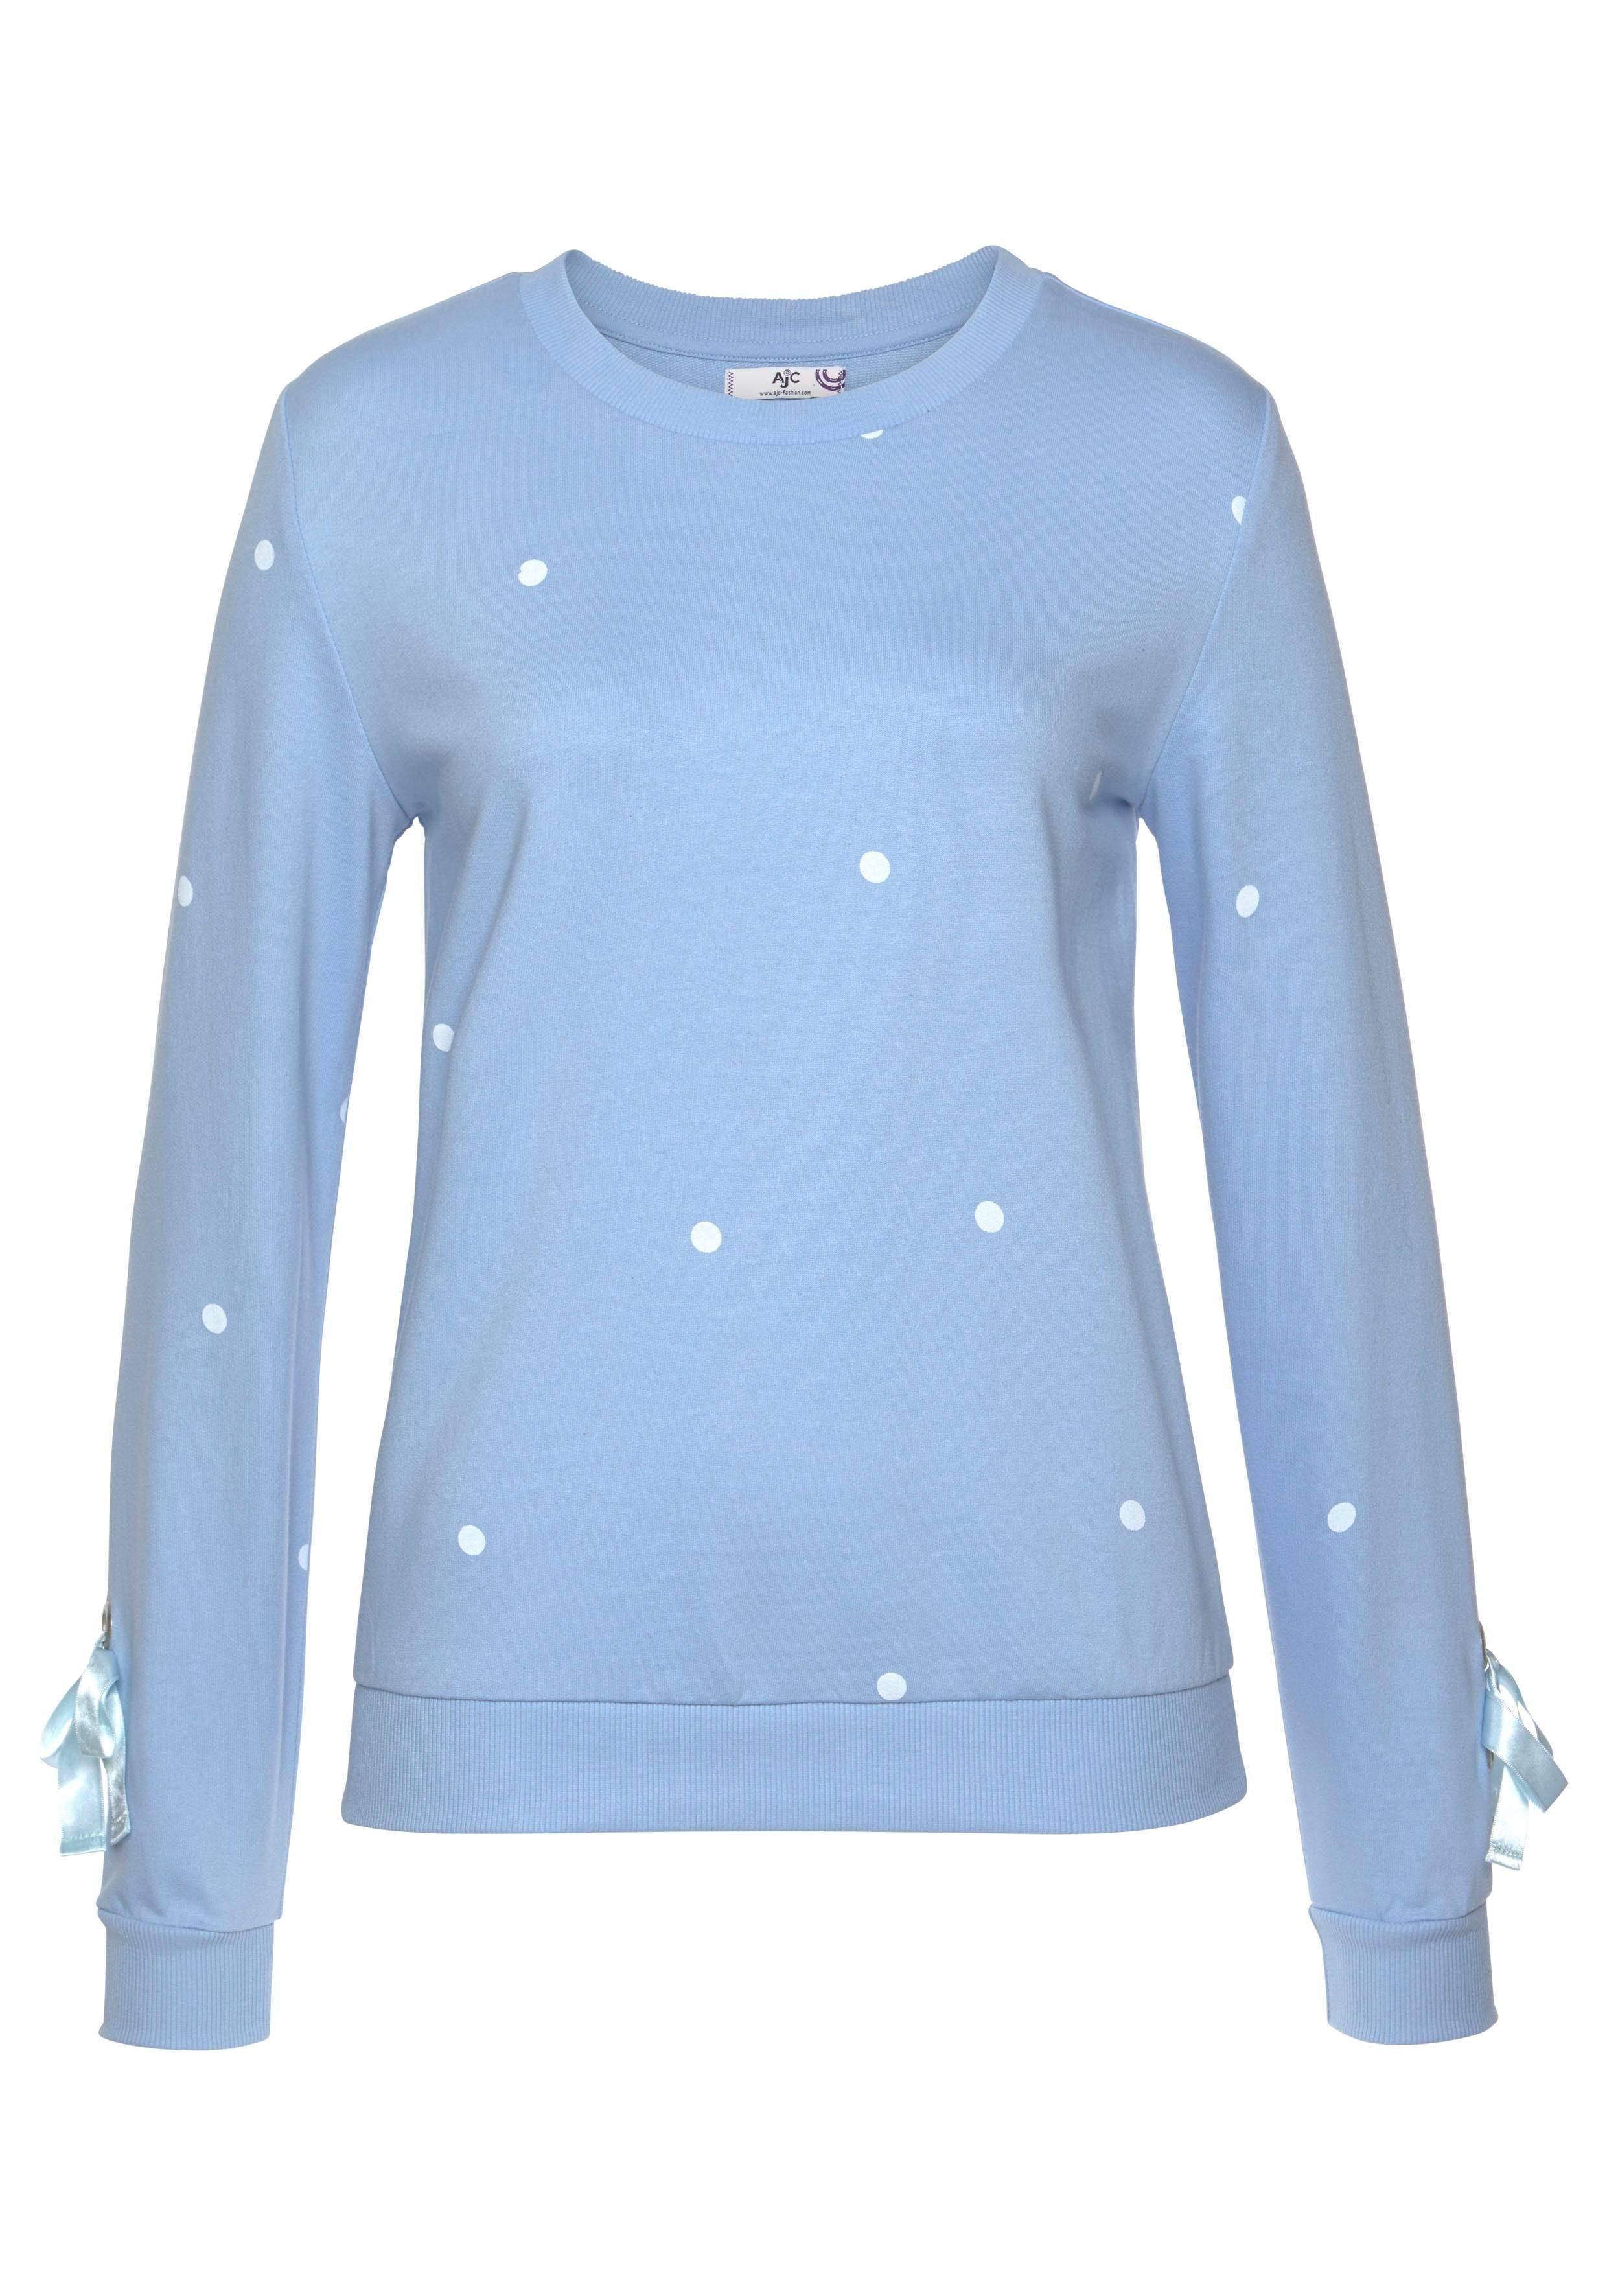 AJC Sweatshirt mit Punkte Print und Schleifendetail am Ärmel online kaufen | OTTO